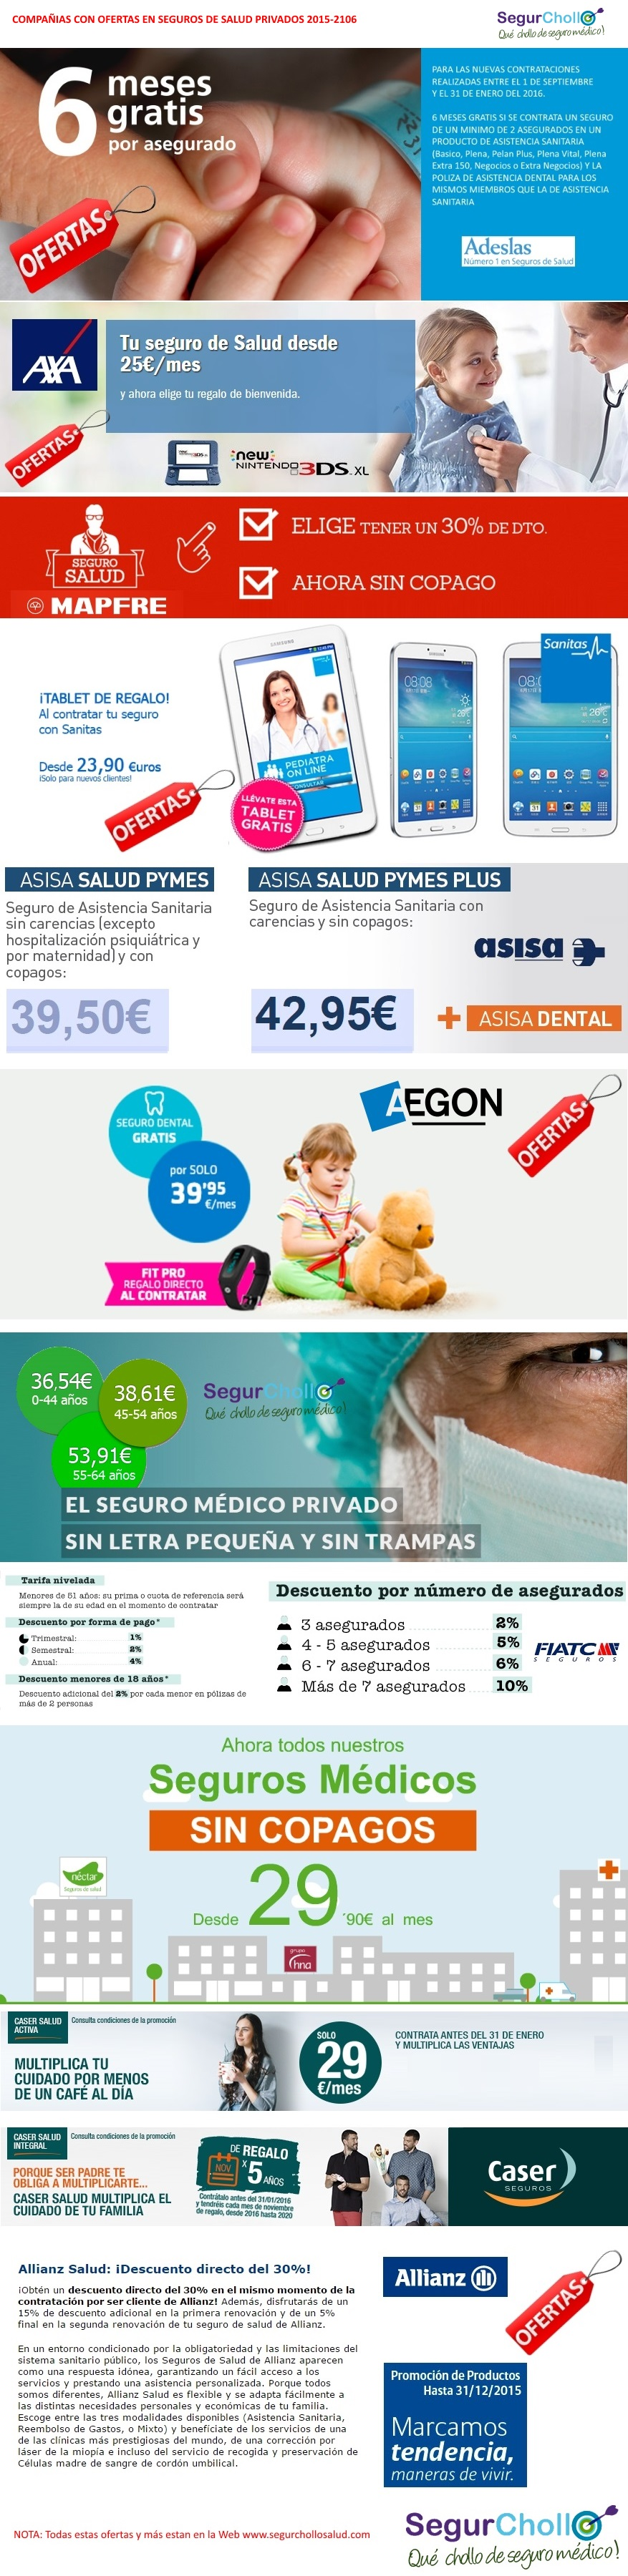 Juntas todas las ofertas de seguros m dicos para el 2015 - Seguro medico caser ...